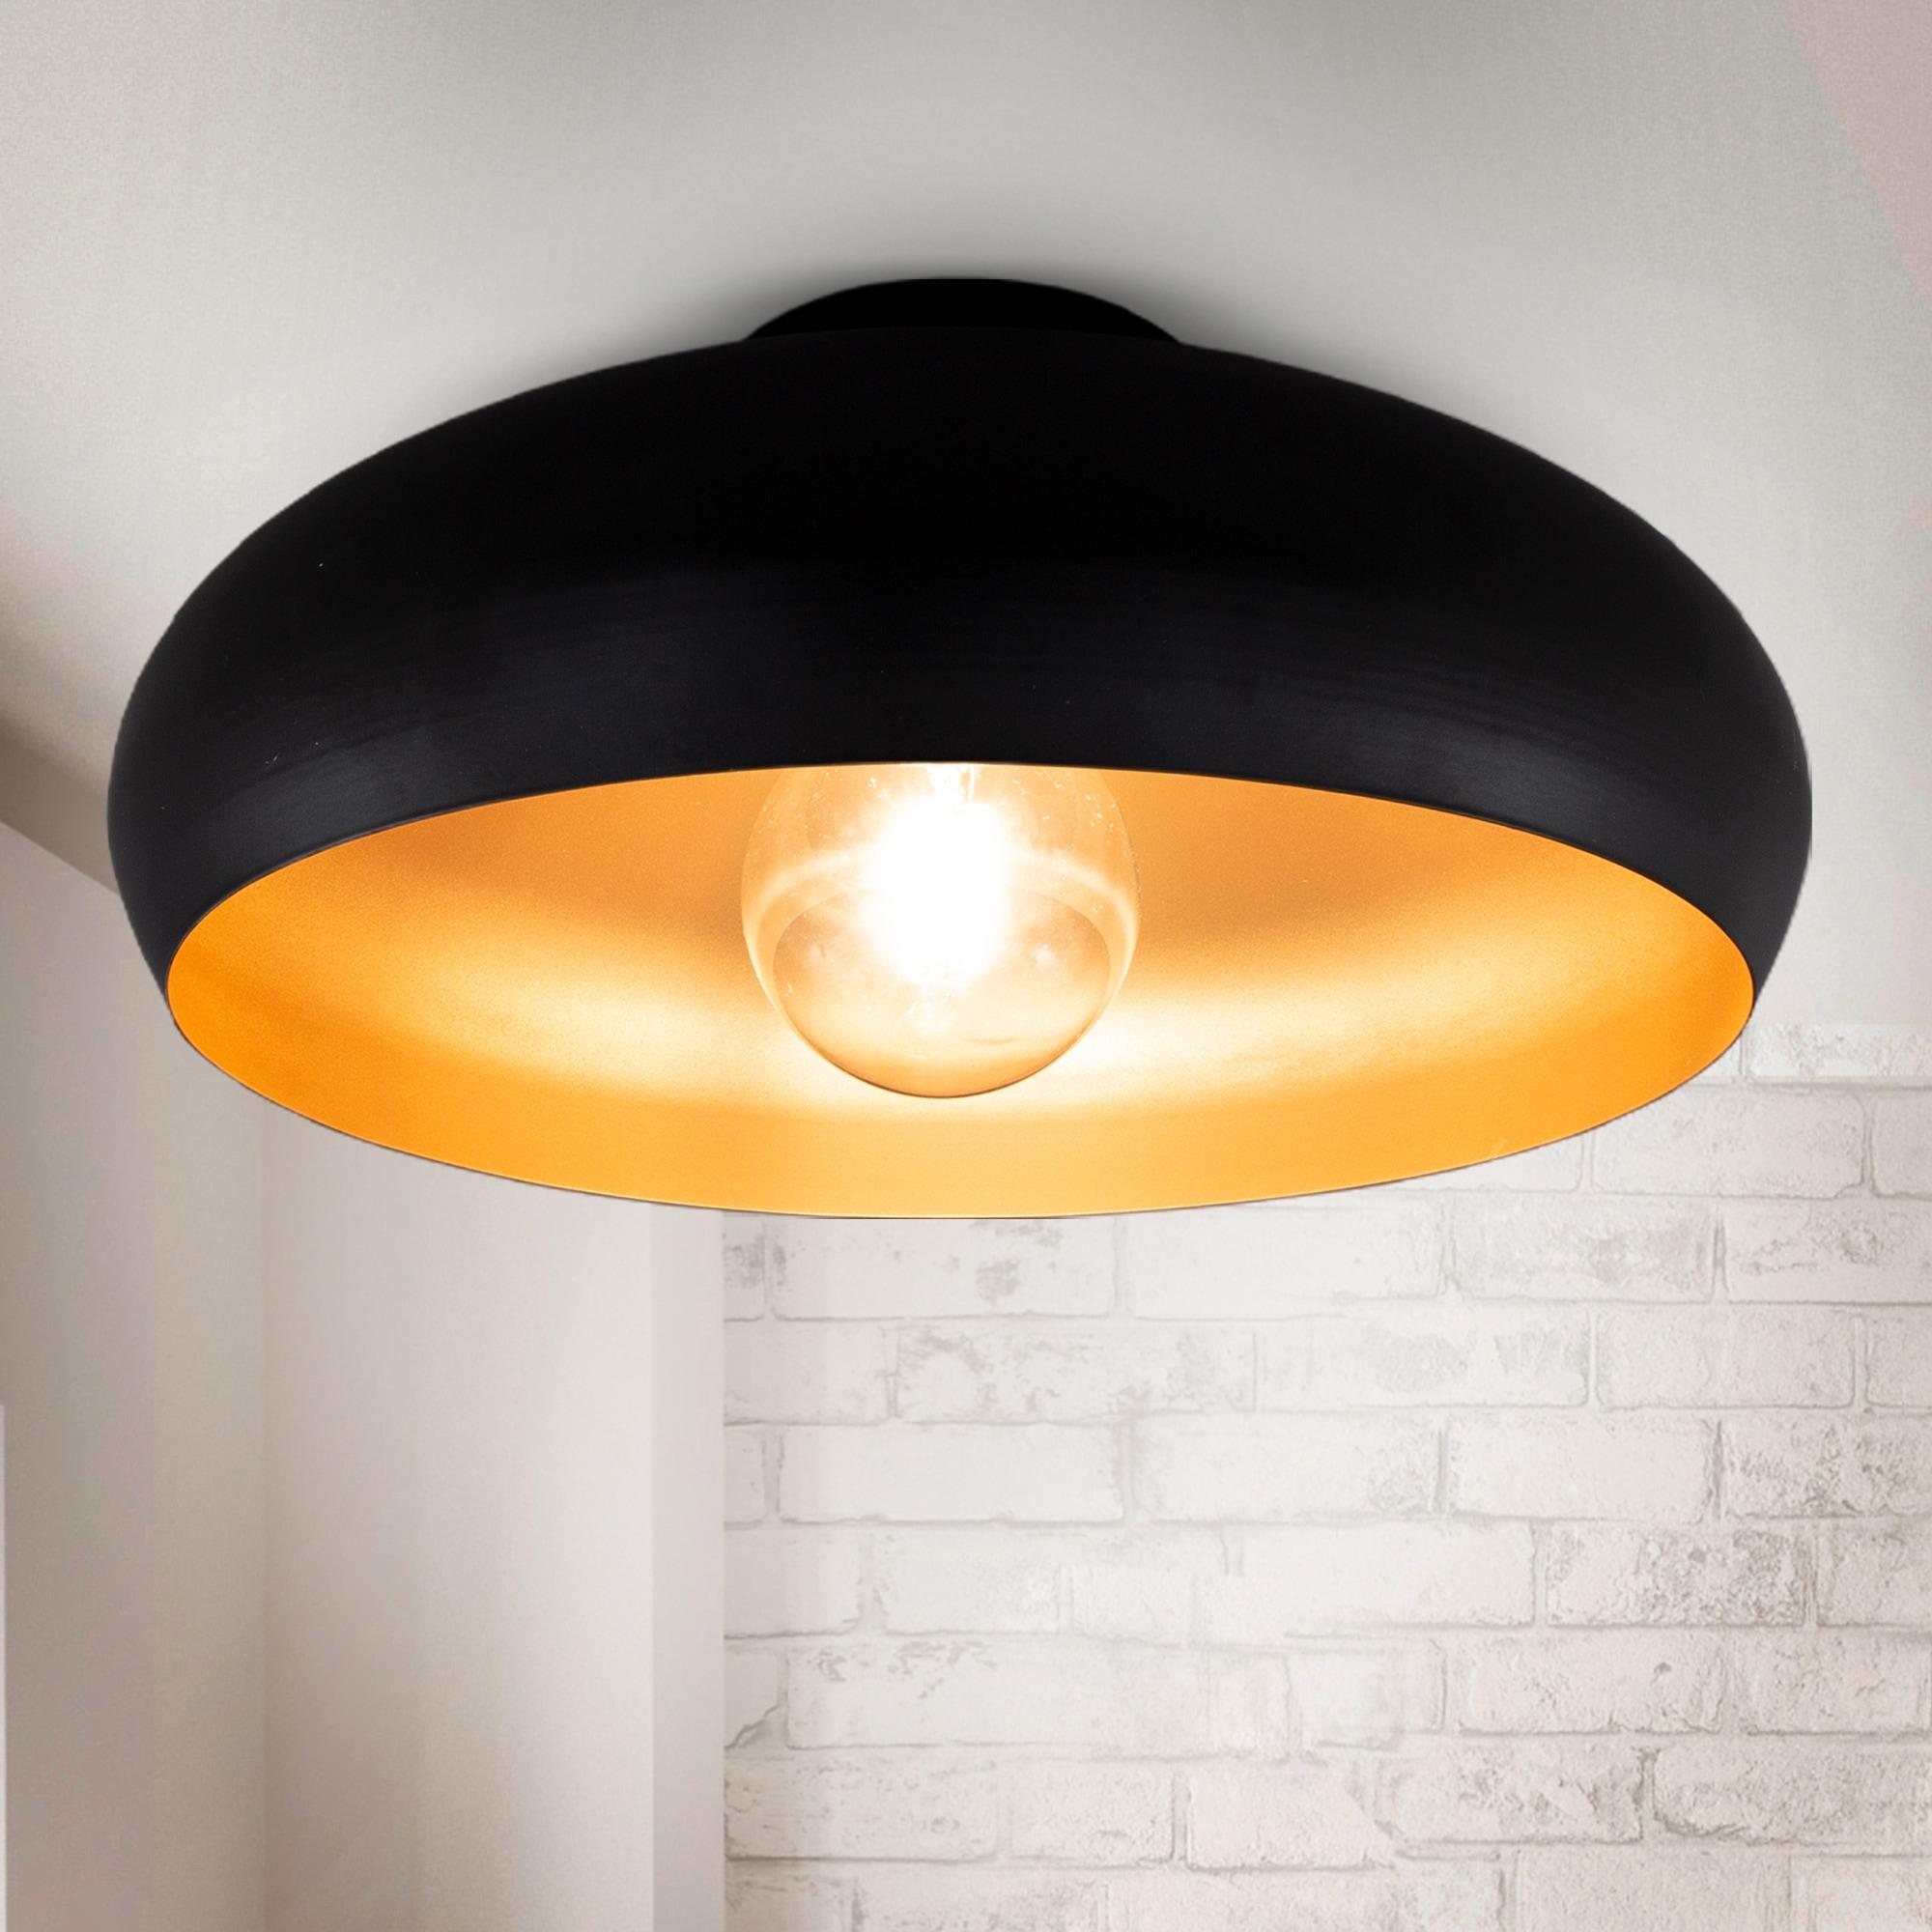 B.K.Licht Deckenleuchte, E27, Warmweiß, LED Deckenlampe Retro schwarz-gold Wohnzimmer Flur Schlafzimmer E27